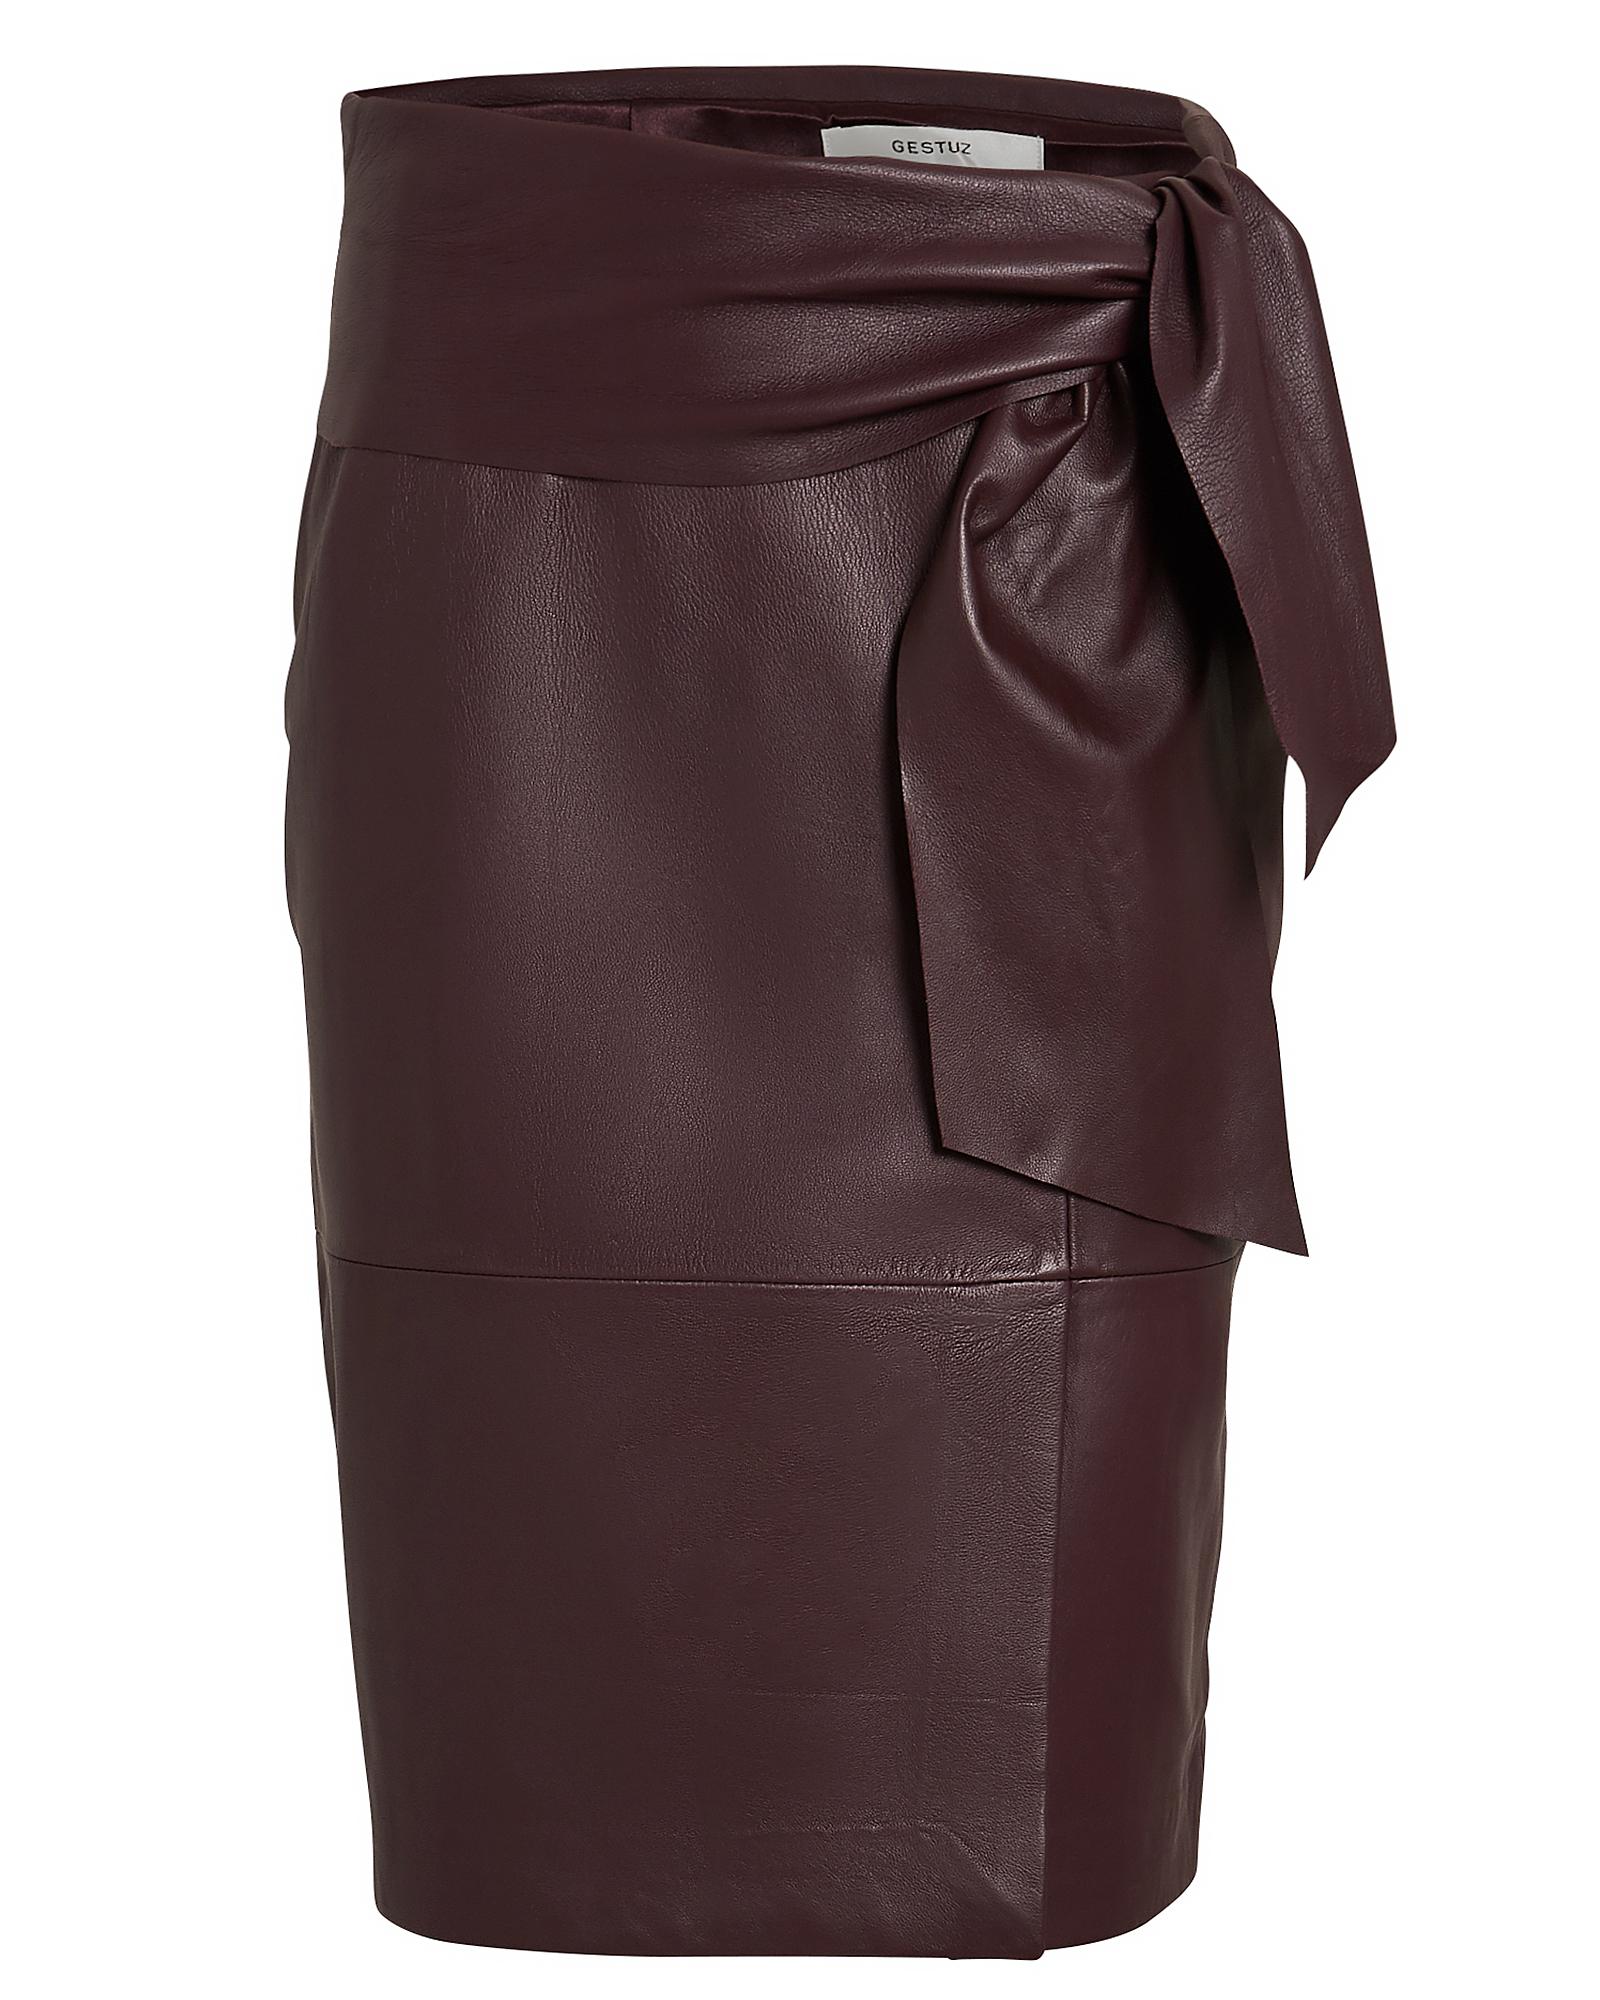 Aliah Gz Tie Waist Leather Skirt by Gestuz